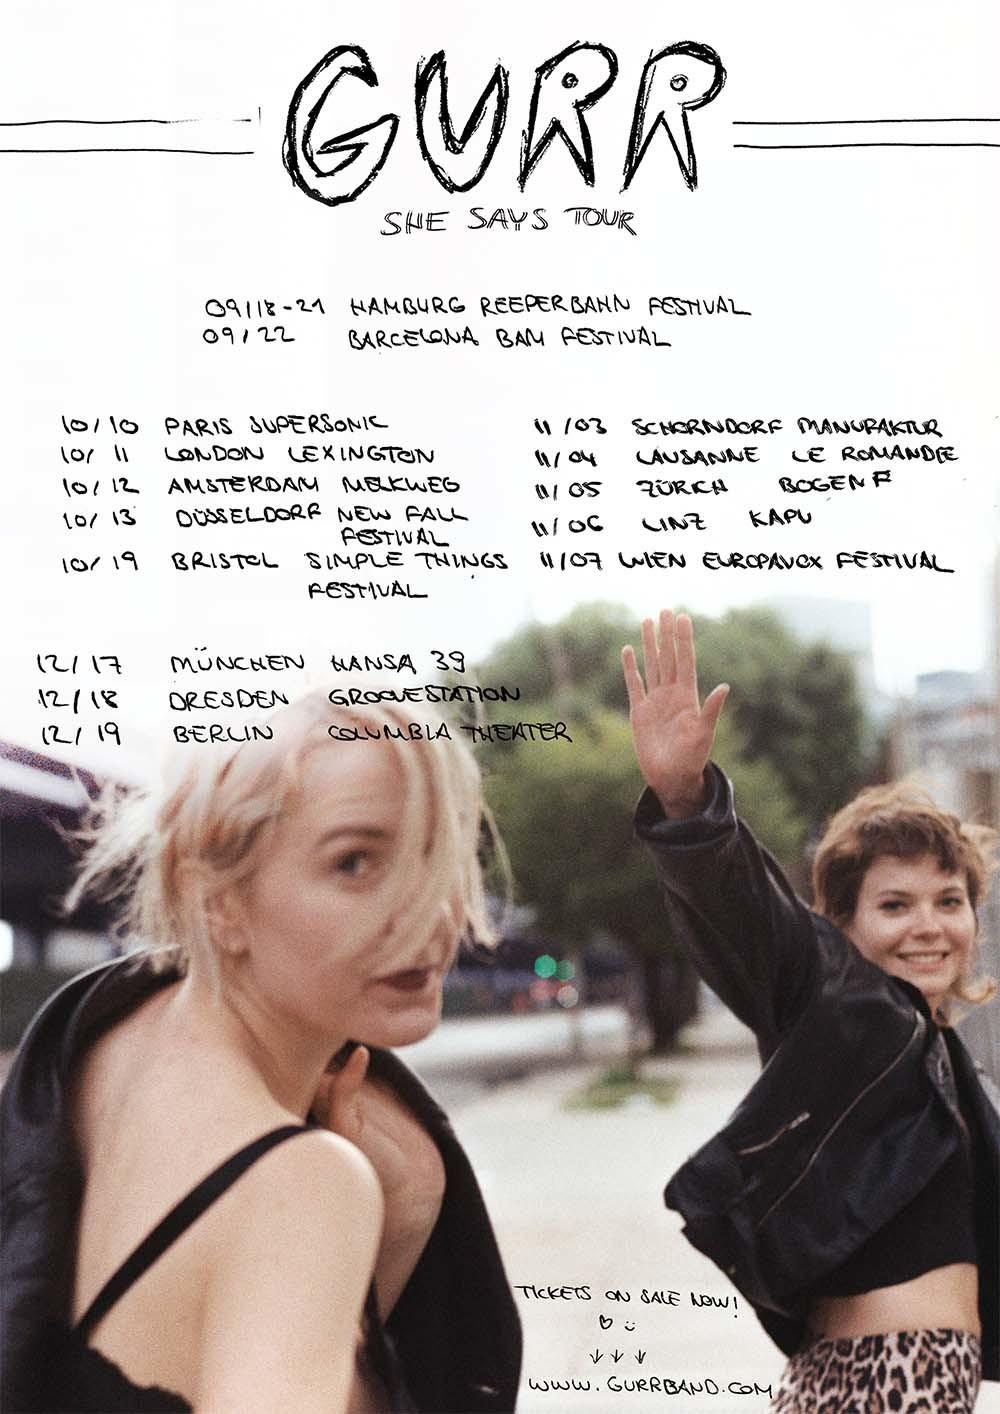 Gurr announce European tour